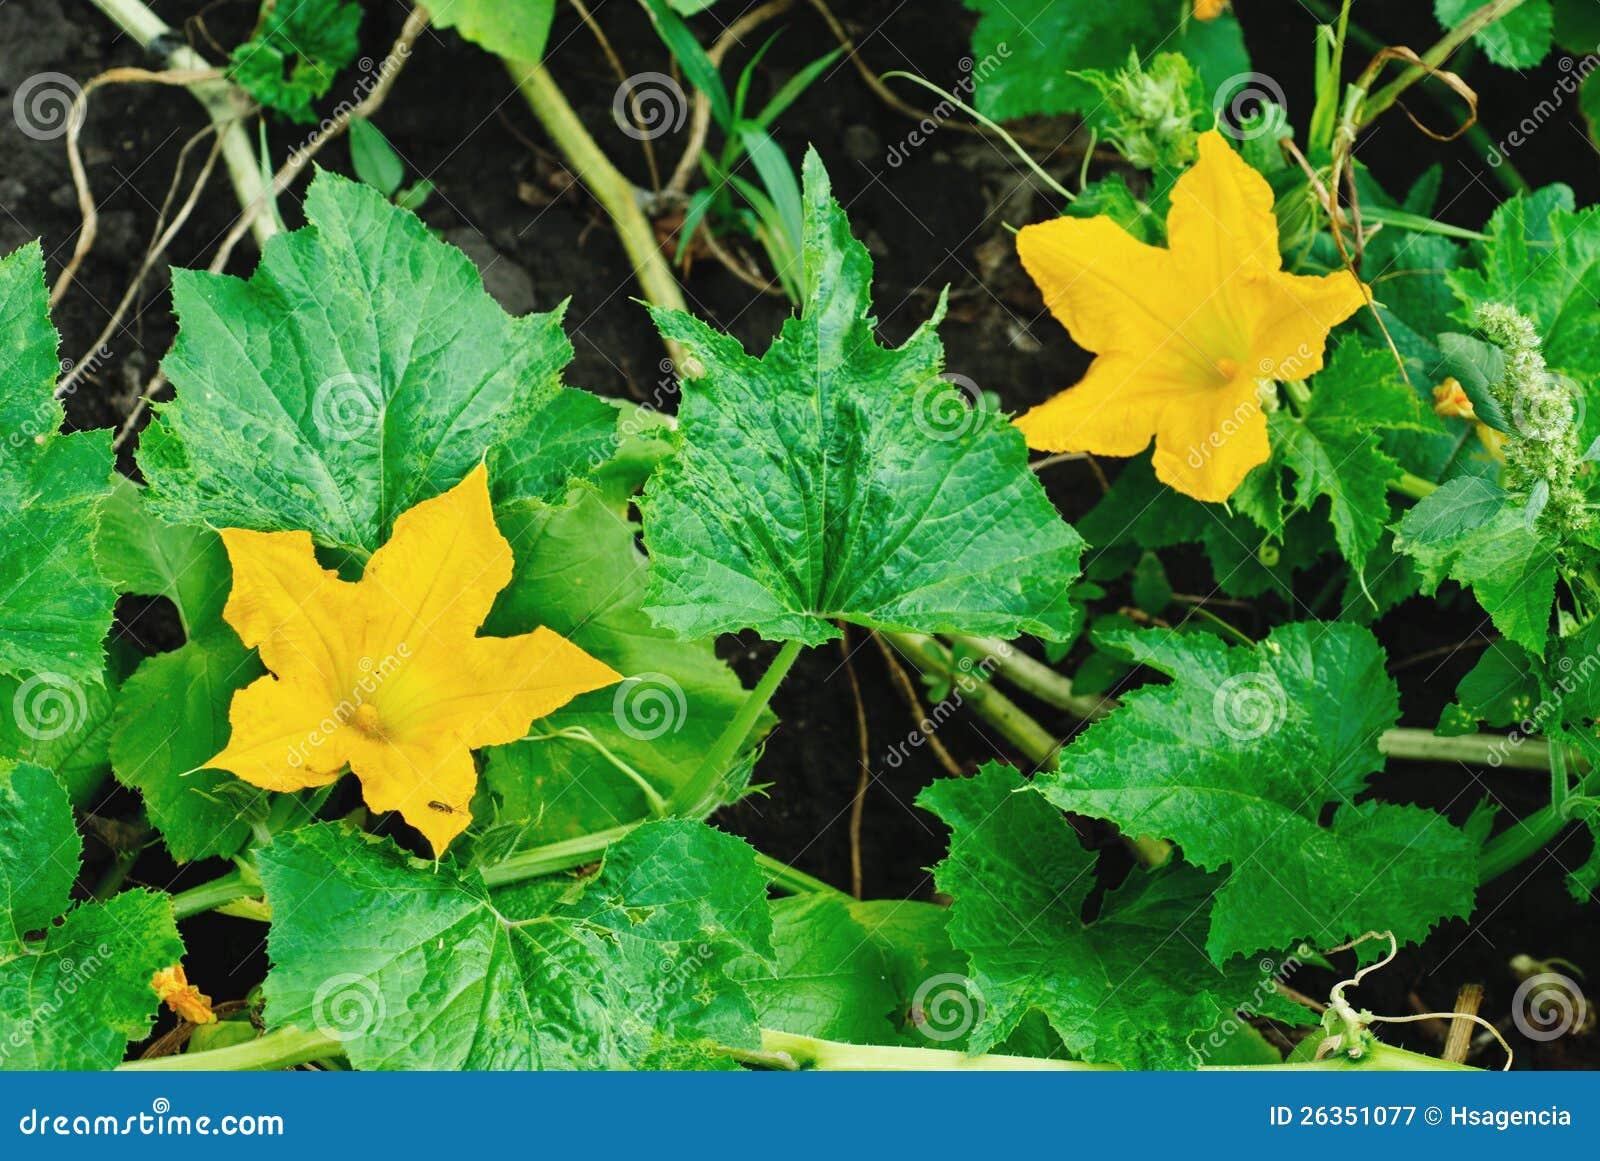 Flor da abóbora